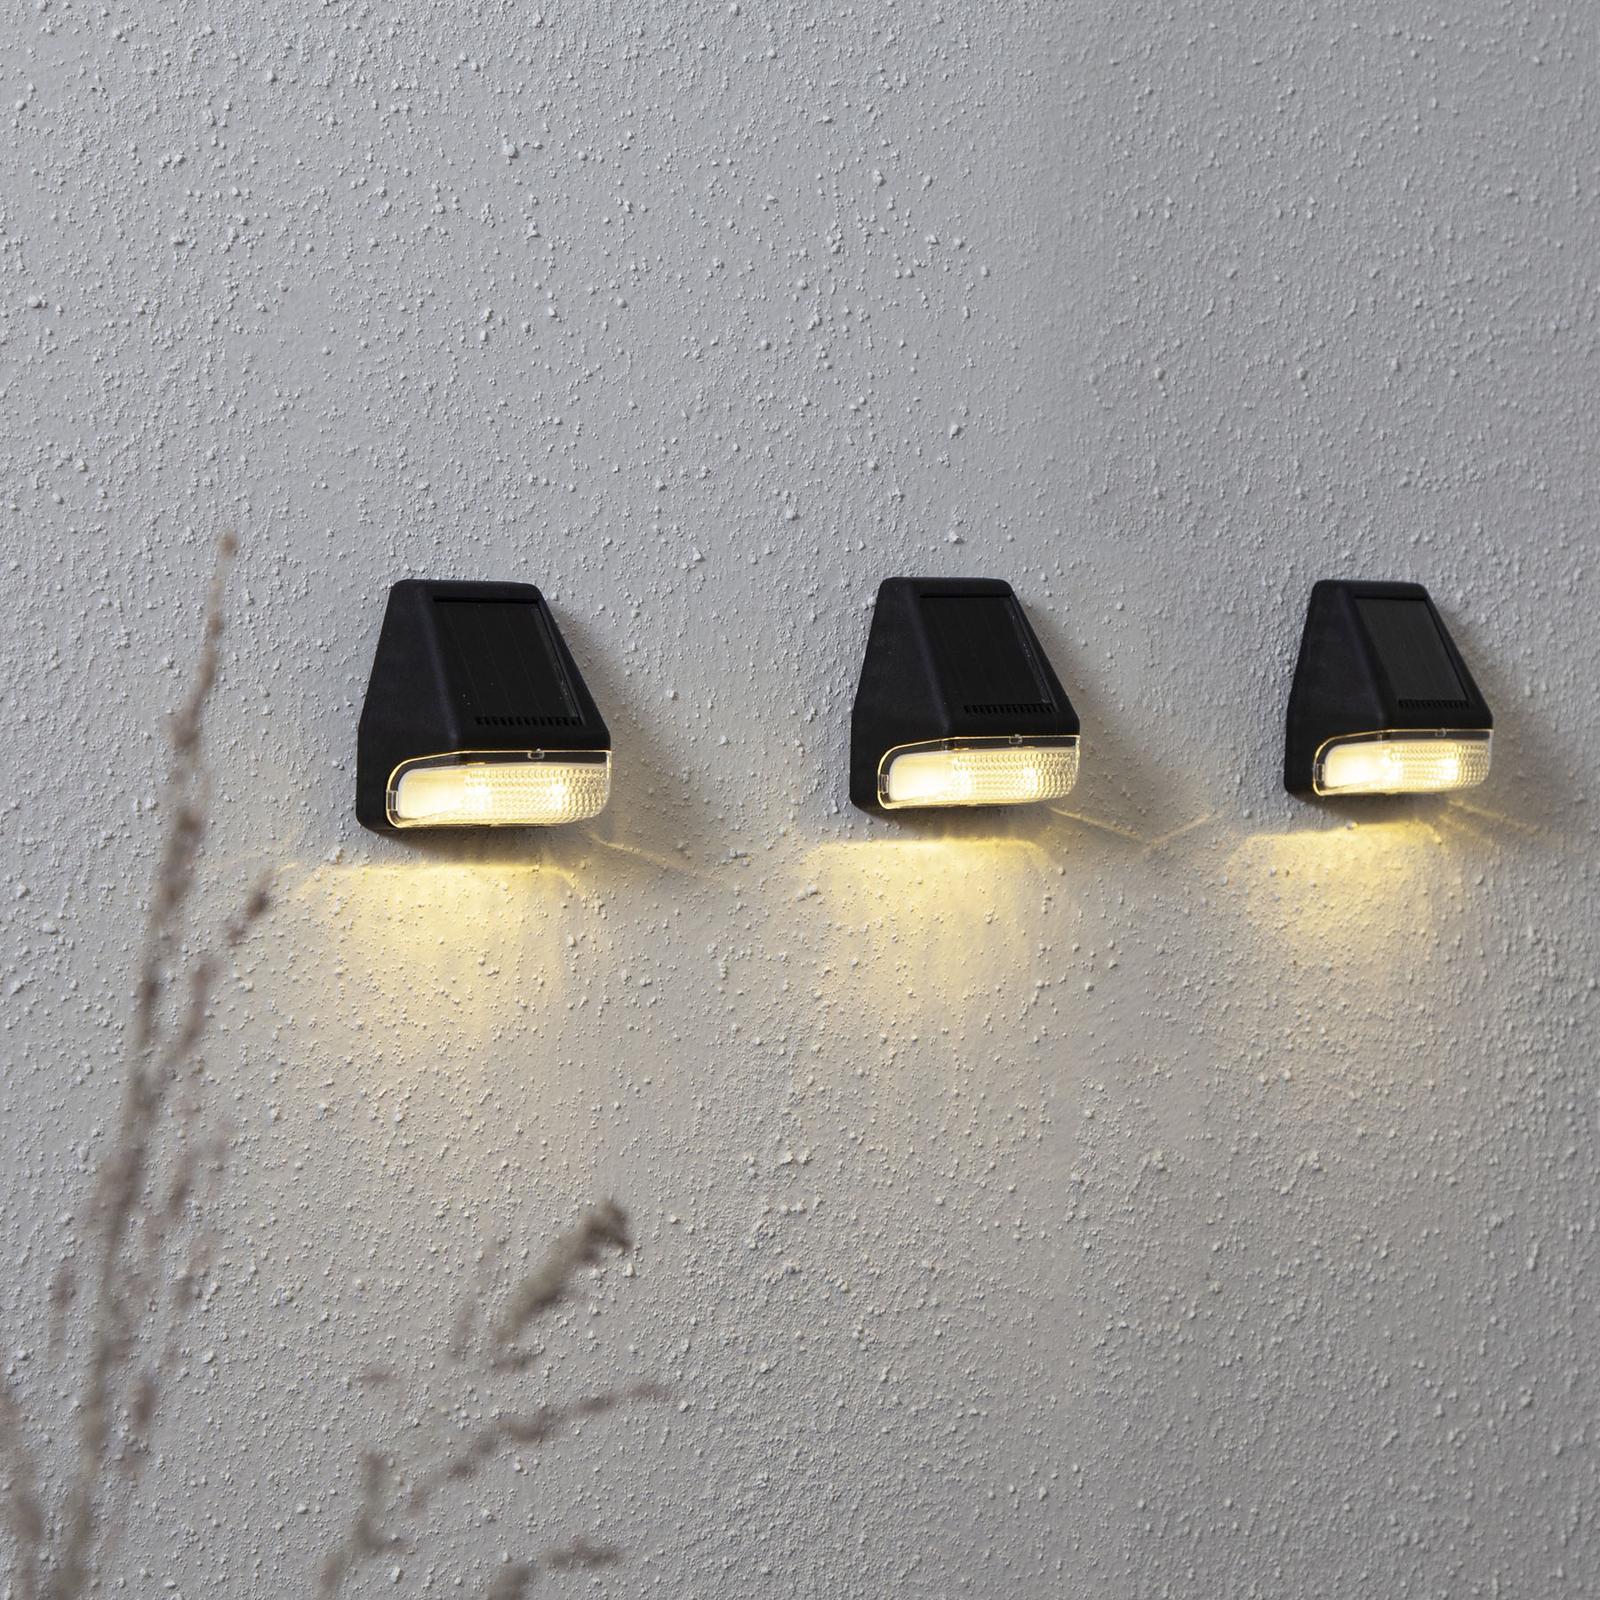 LED-solvegglampe Wally Mini i 3-er-sett